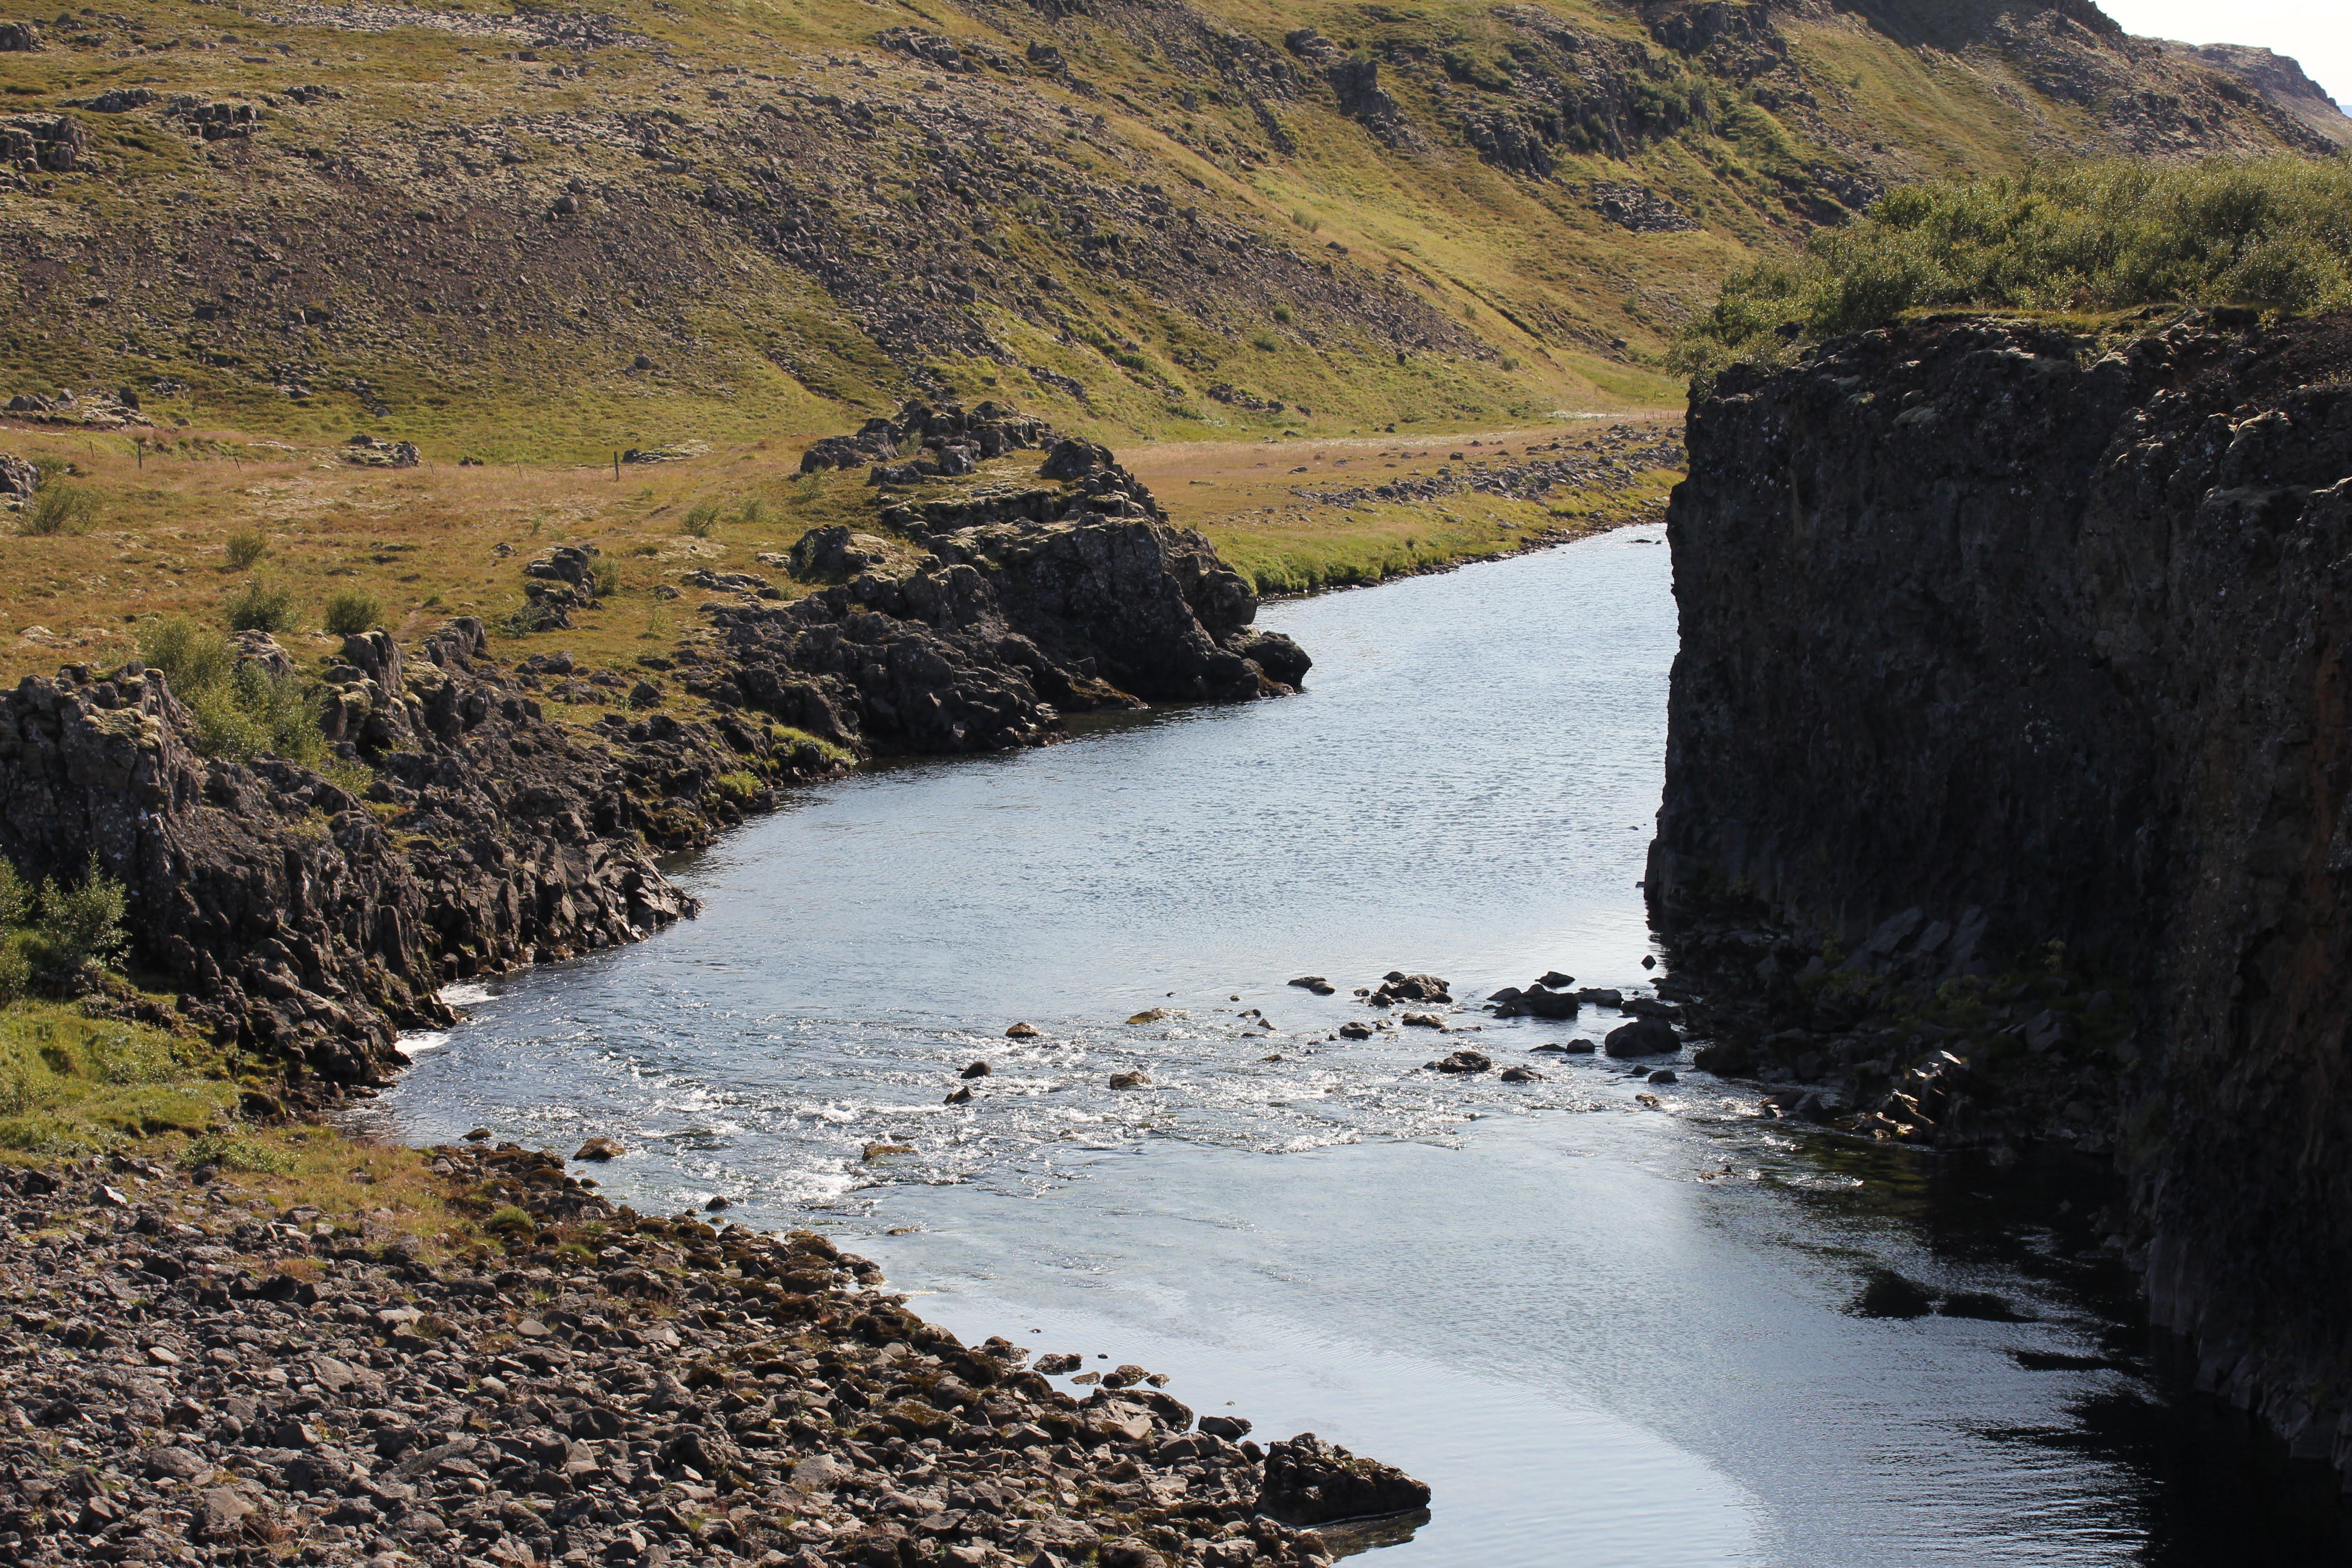 Berghylsbrot, Norðurá, Réttarhylur